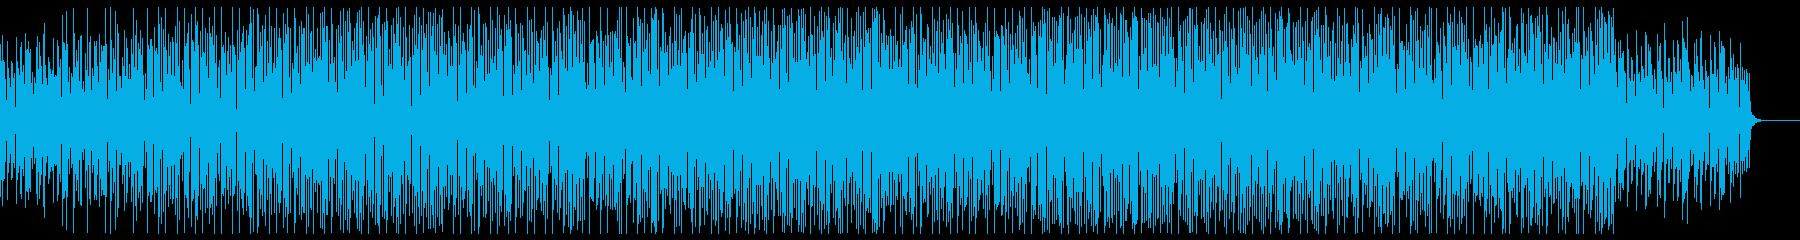 明るく爽やか・キラキラ可愛い ピアノ鉄琴の再生済みの波形